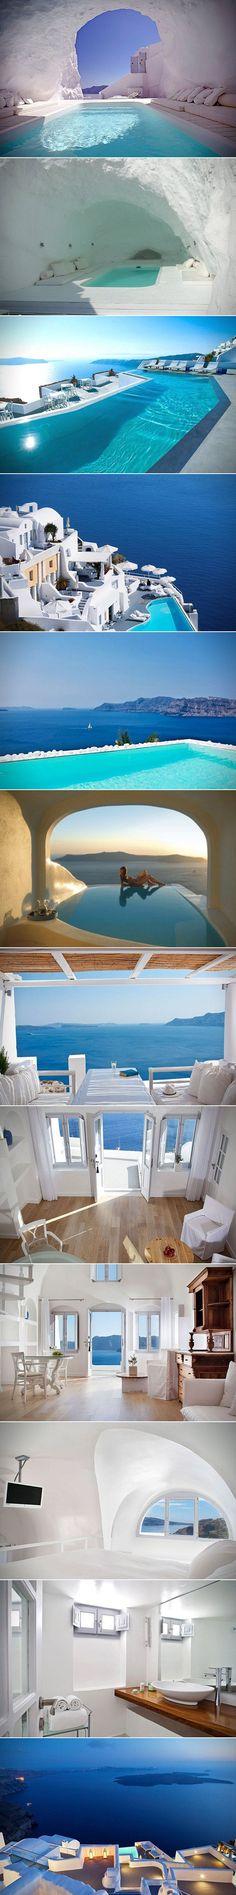 Santorini, Griechenland. Den richtigen Reisebegleiter findet ihr bei uns: https://www.profibag.de/reisegepaeck/